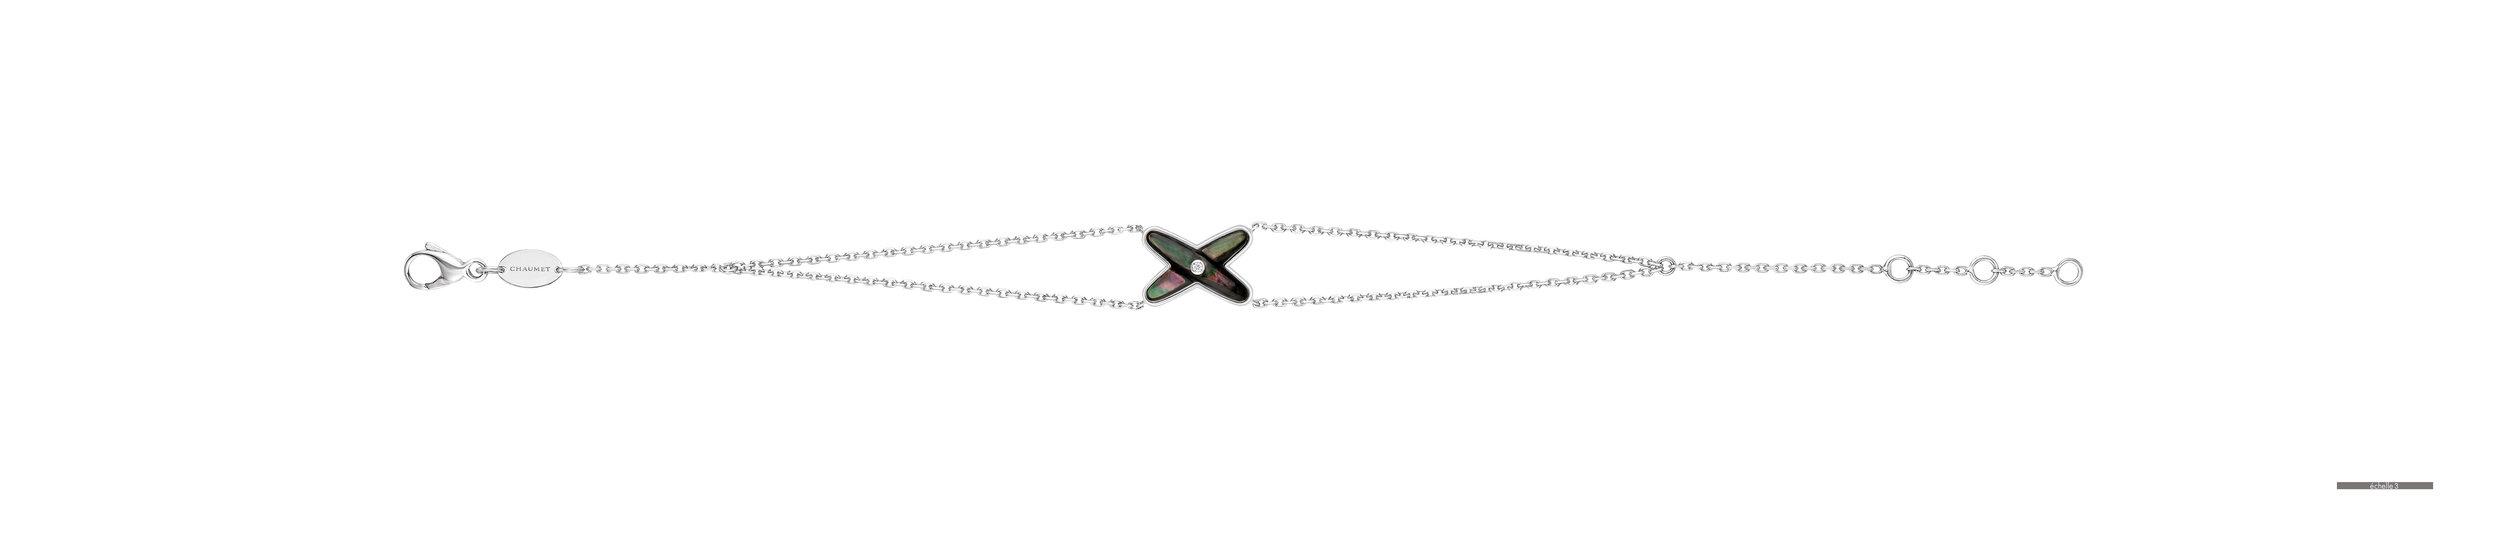 083162 Bracelet Jeux de Liens grey MOP WG R3.jpg